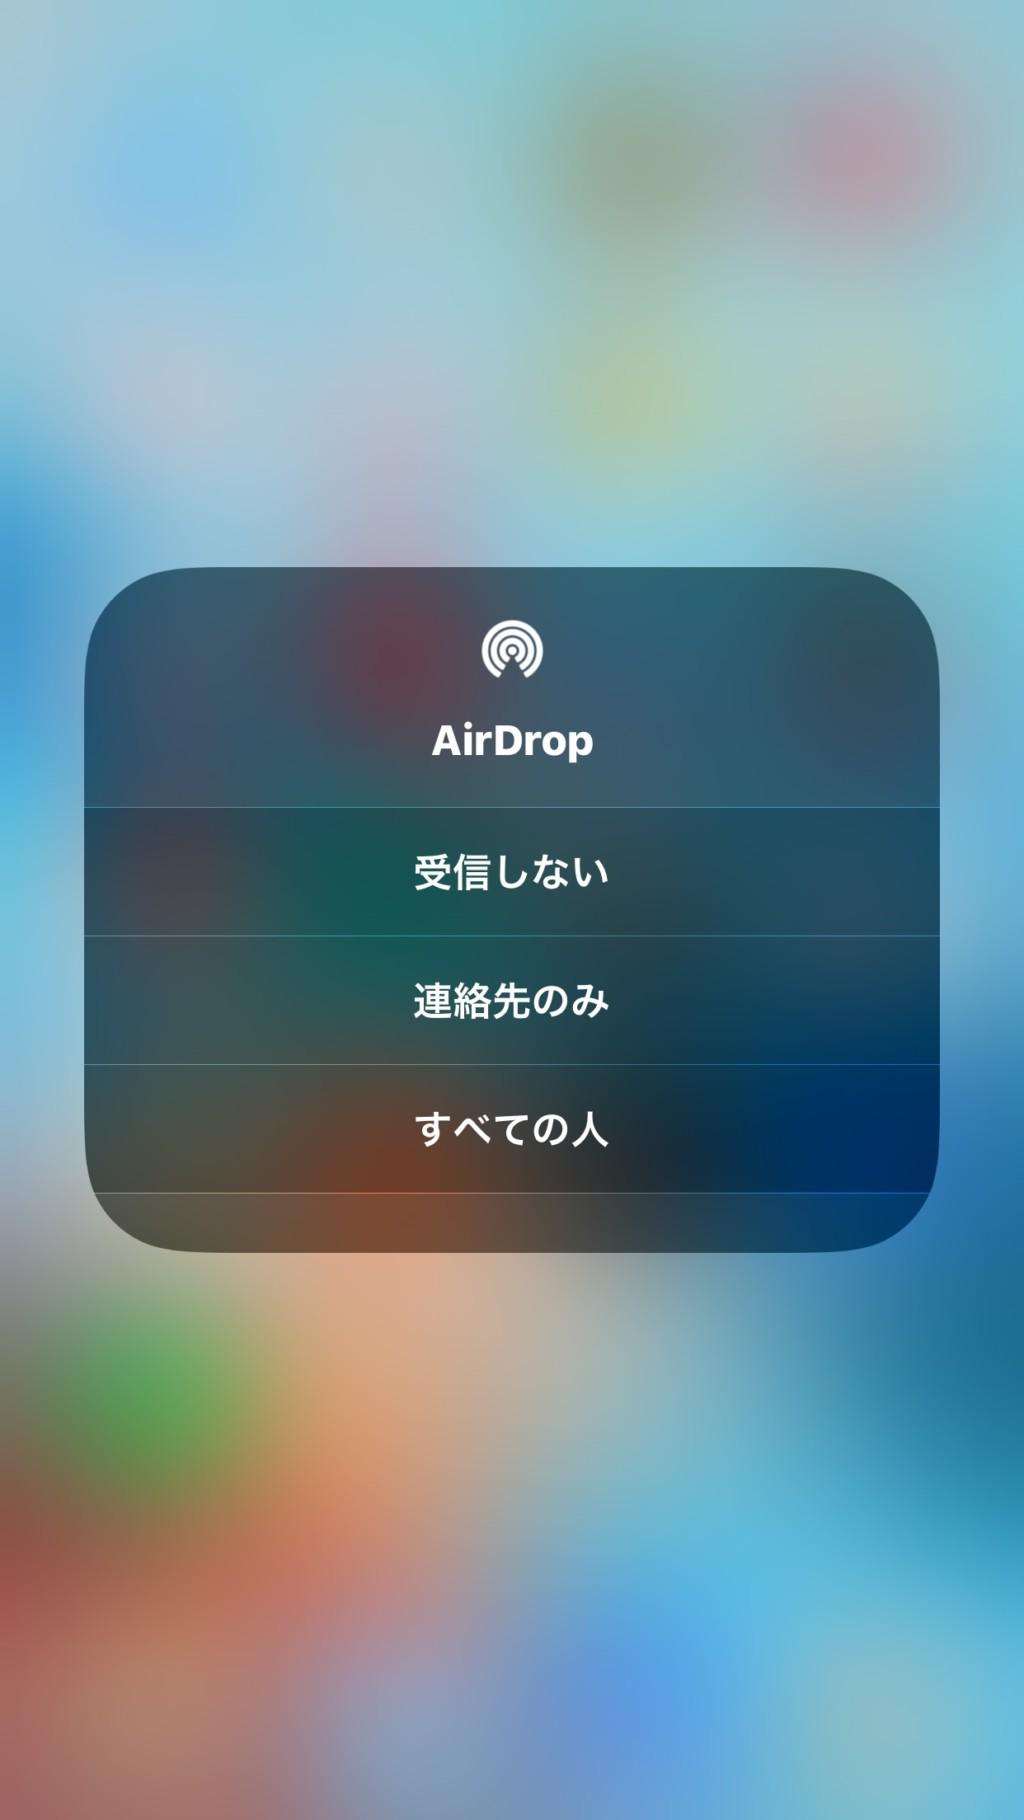 コントロールセンターでのAirDropの設定画面が表示される